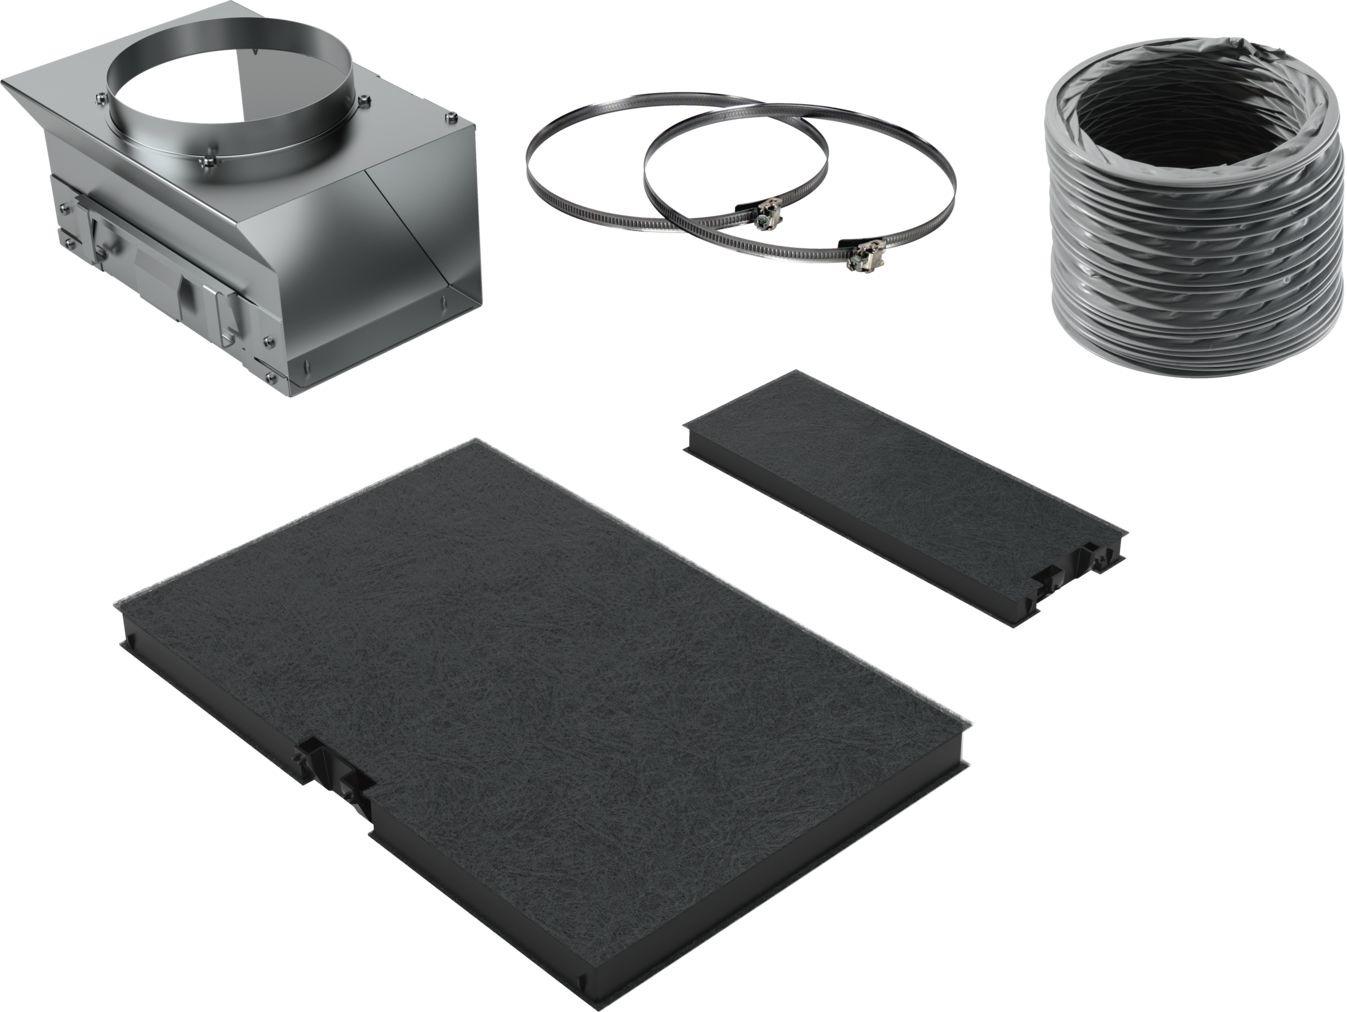 Bosch afzuigkap accessoire DWZ0AK0U0